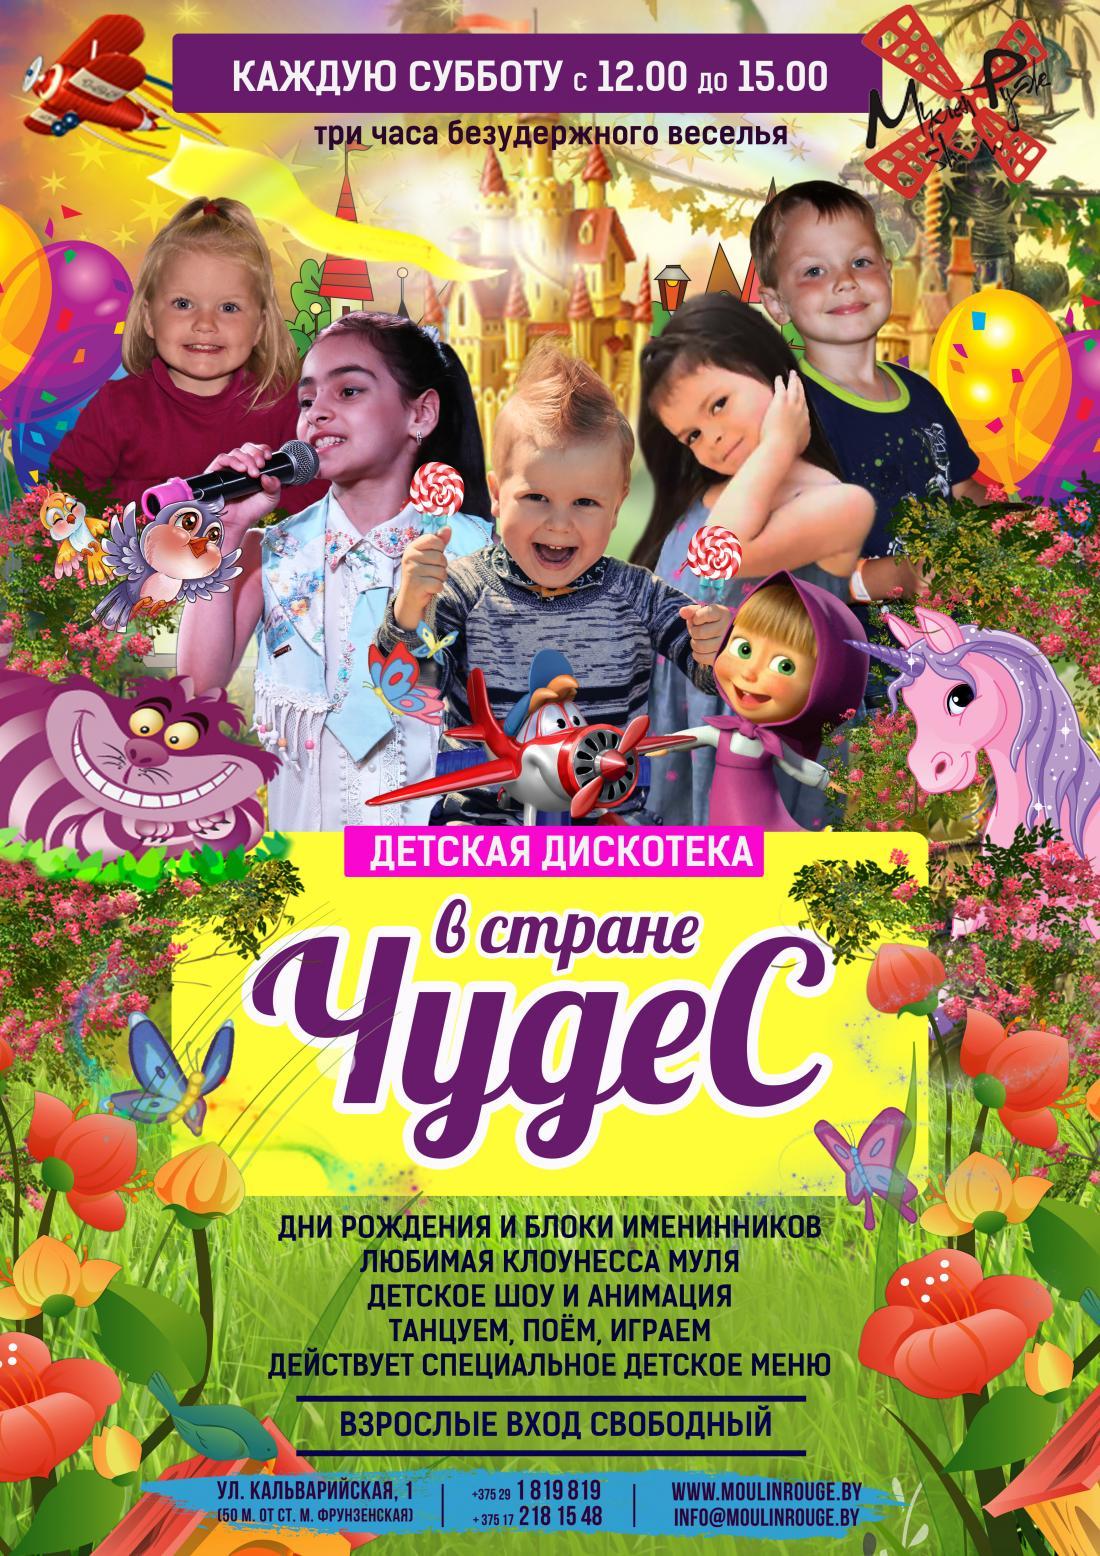 """Детская дискотека в клубе """"Мулен Руж"""" всего за 2,50 руб/каждую субботу"""